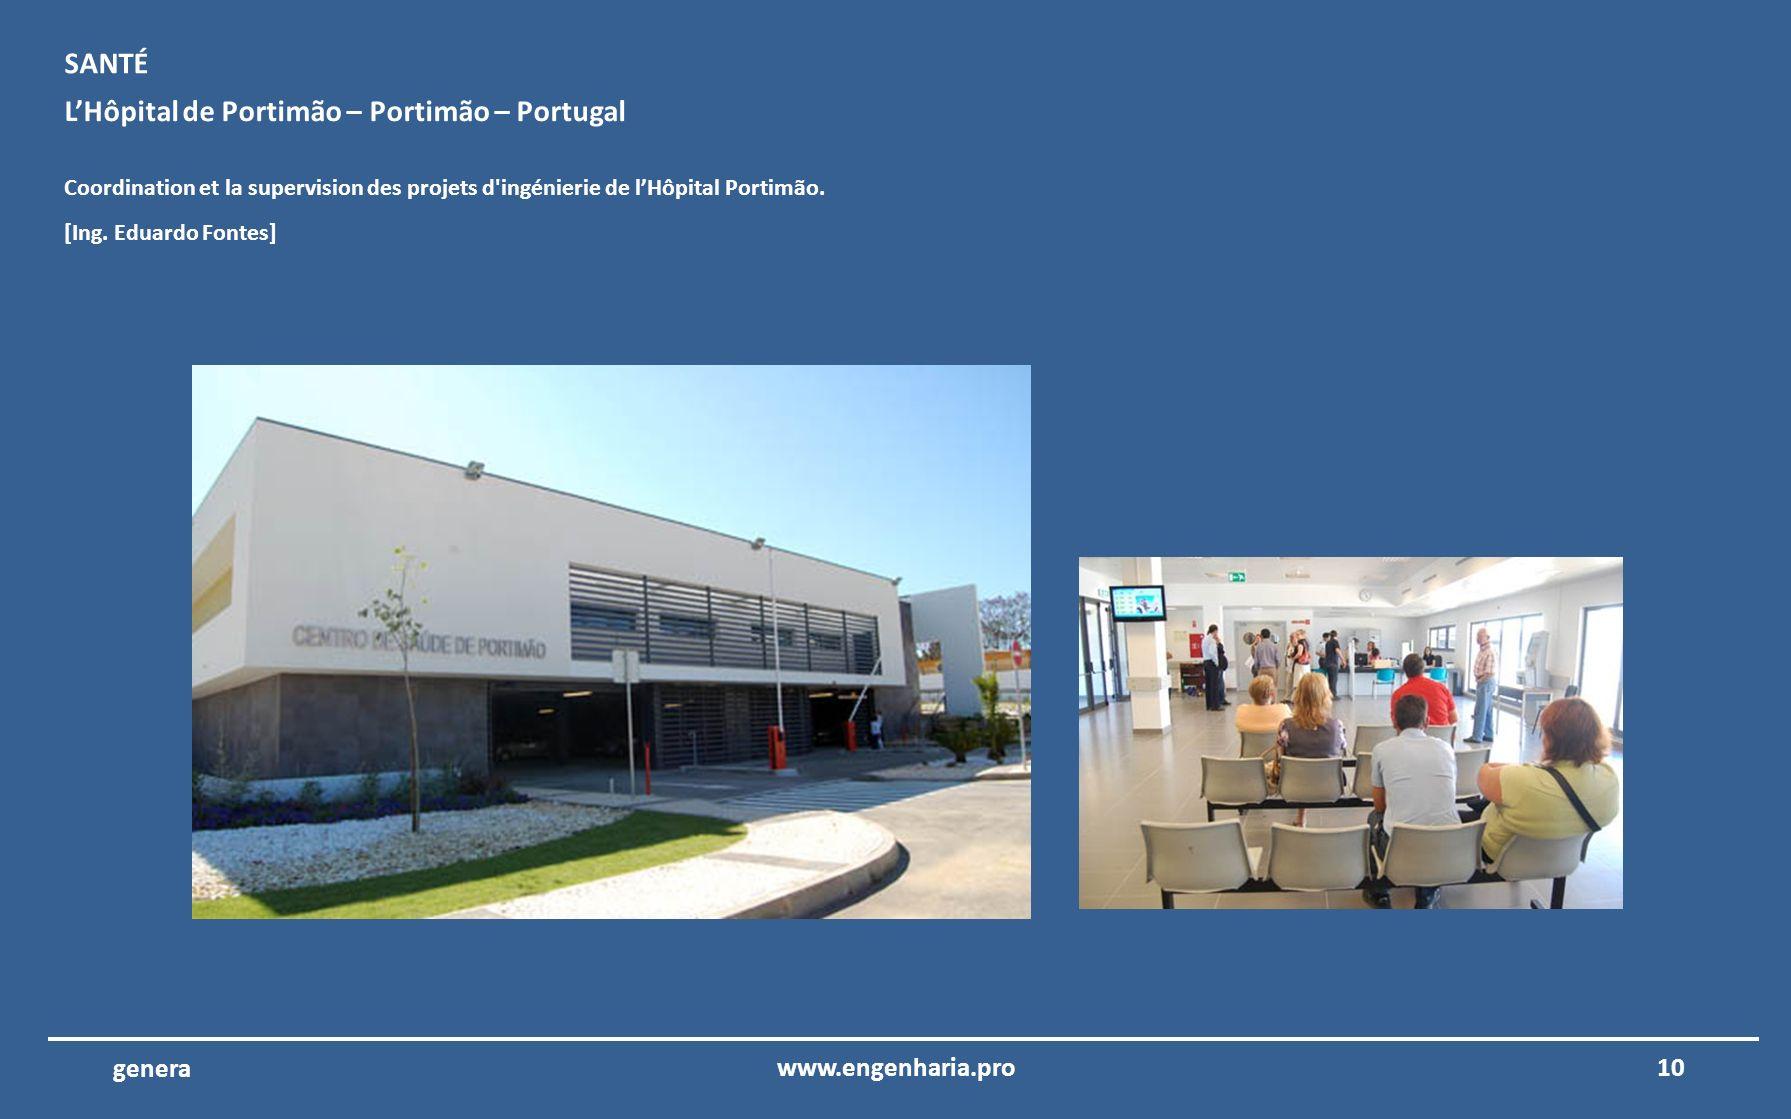 9www.engenharia.pro genera Hôtel Porto Santo – Porto Santo – Madeira Coordination et la supervision des projets d'électricité, de télécommunications,